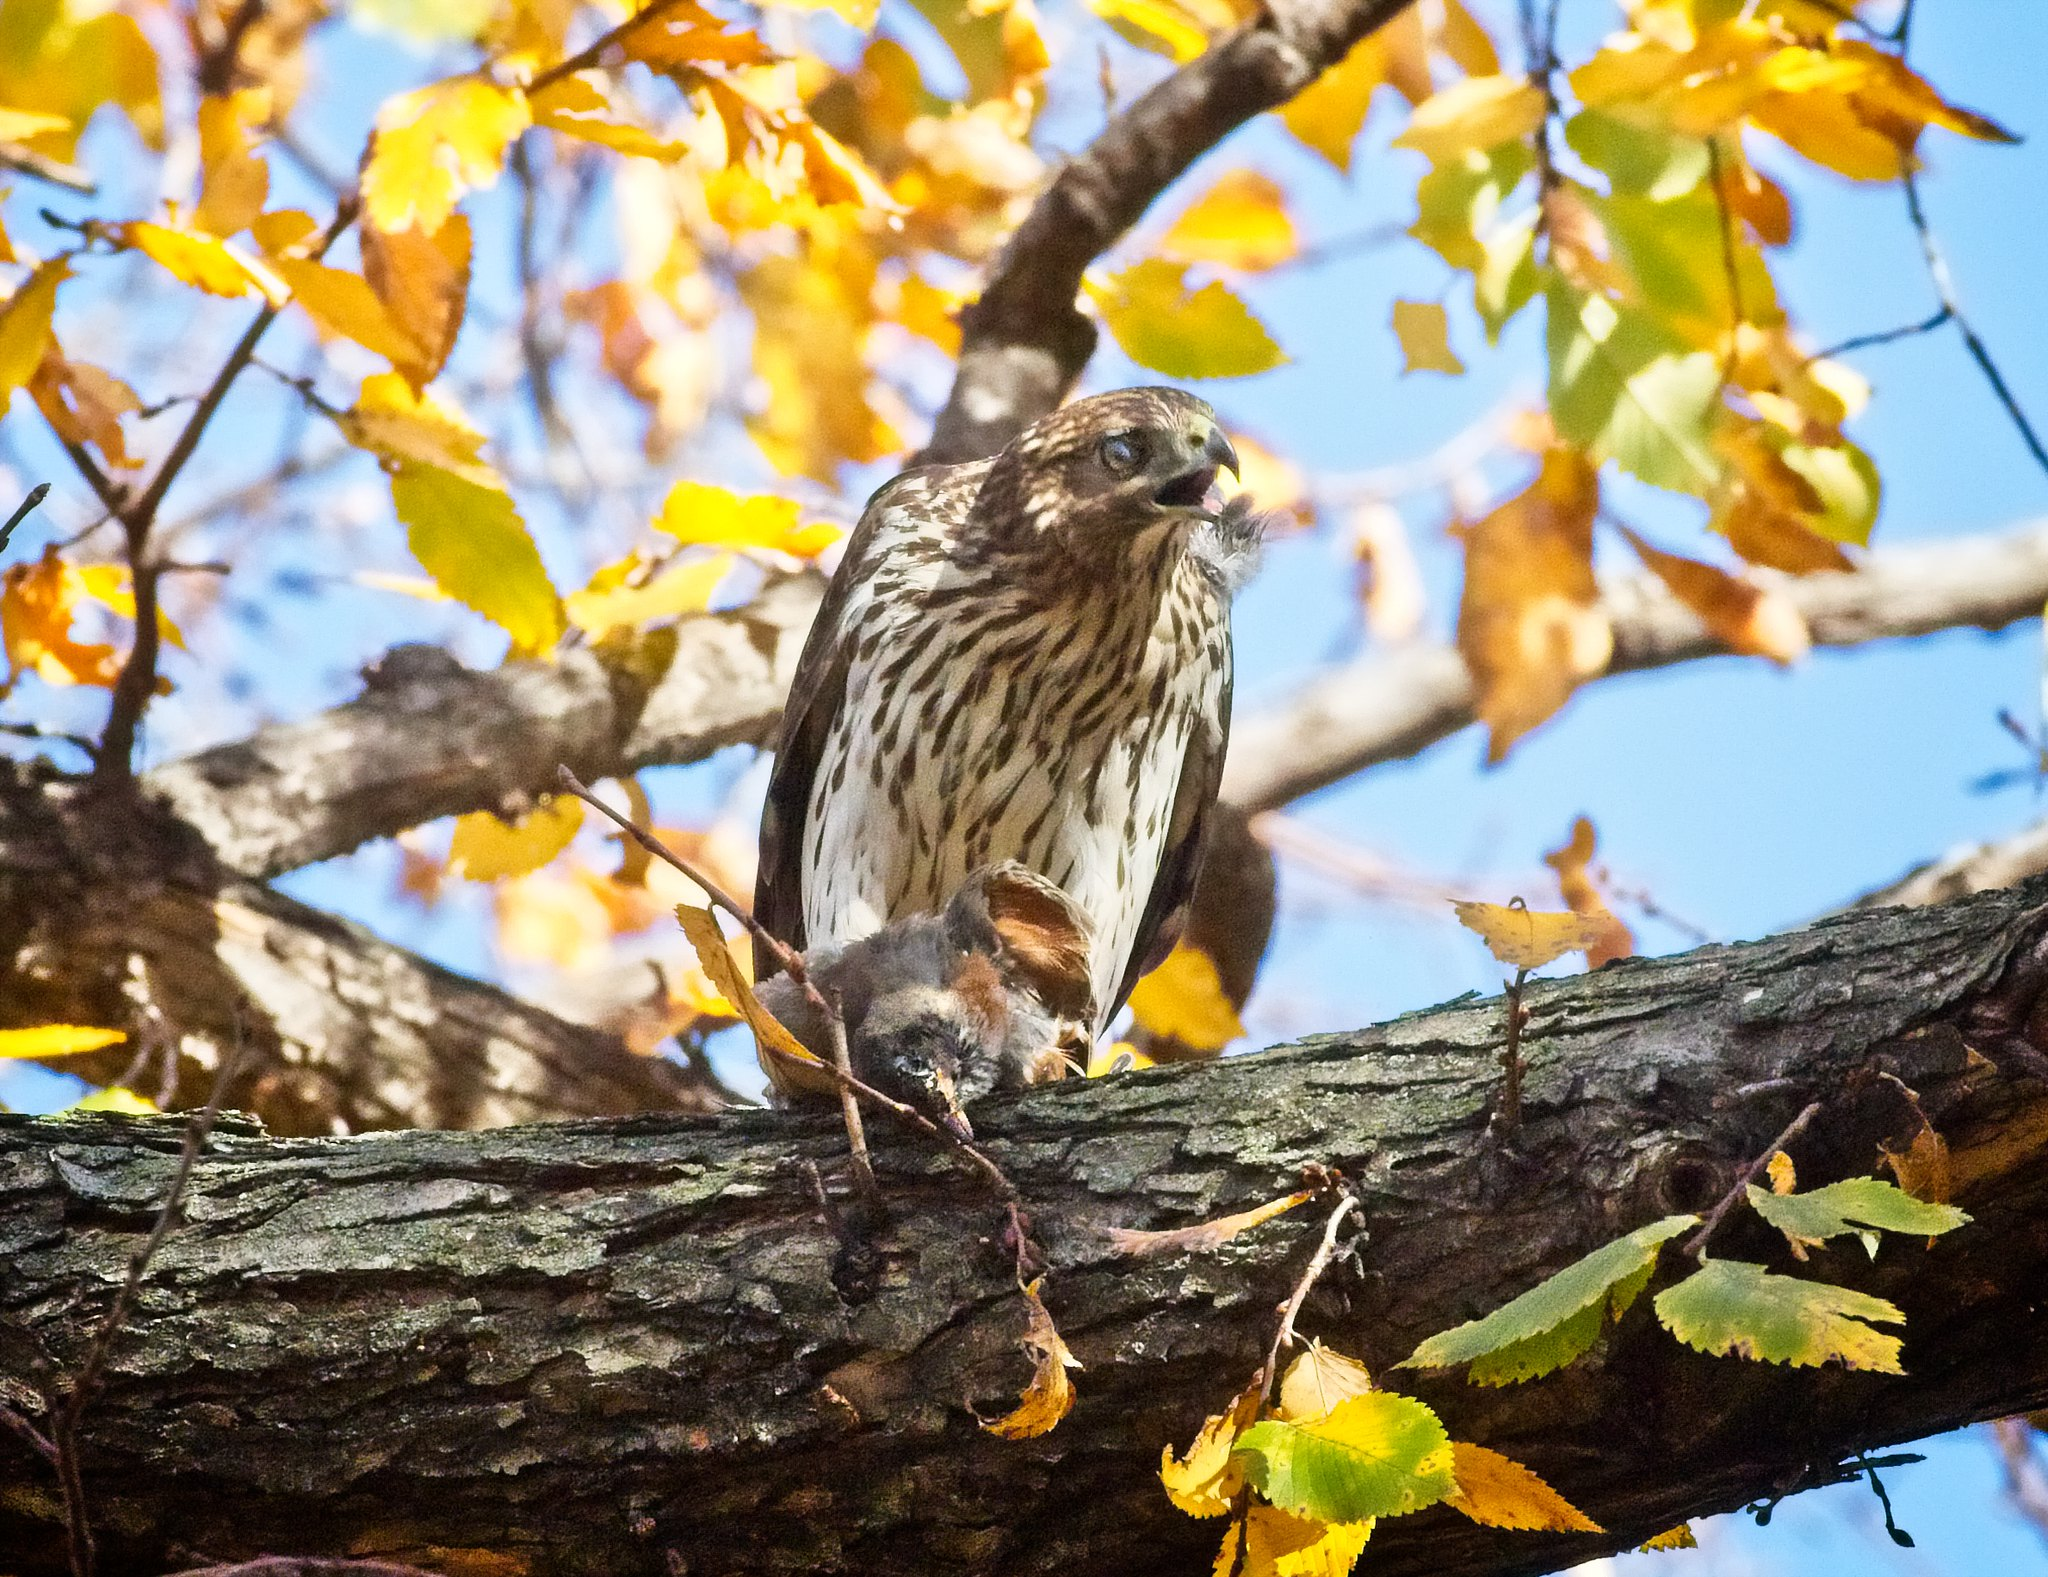 Cooper's hawk plucks a robin in Tompkins Square